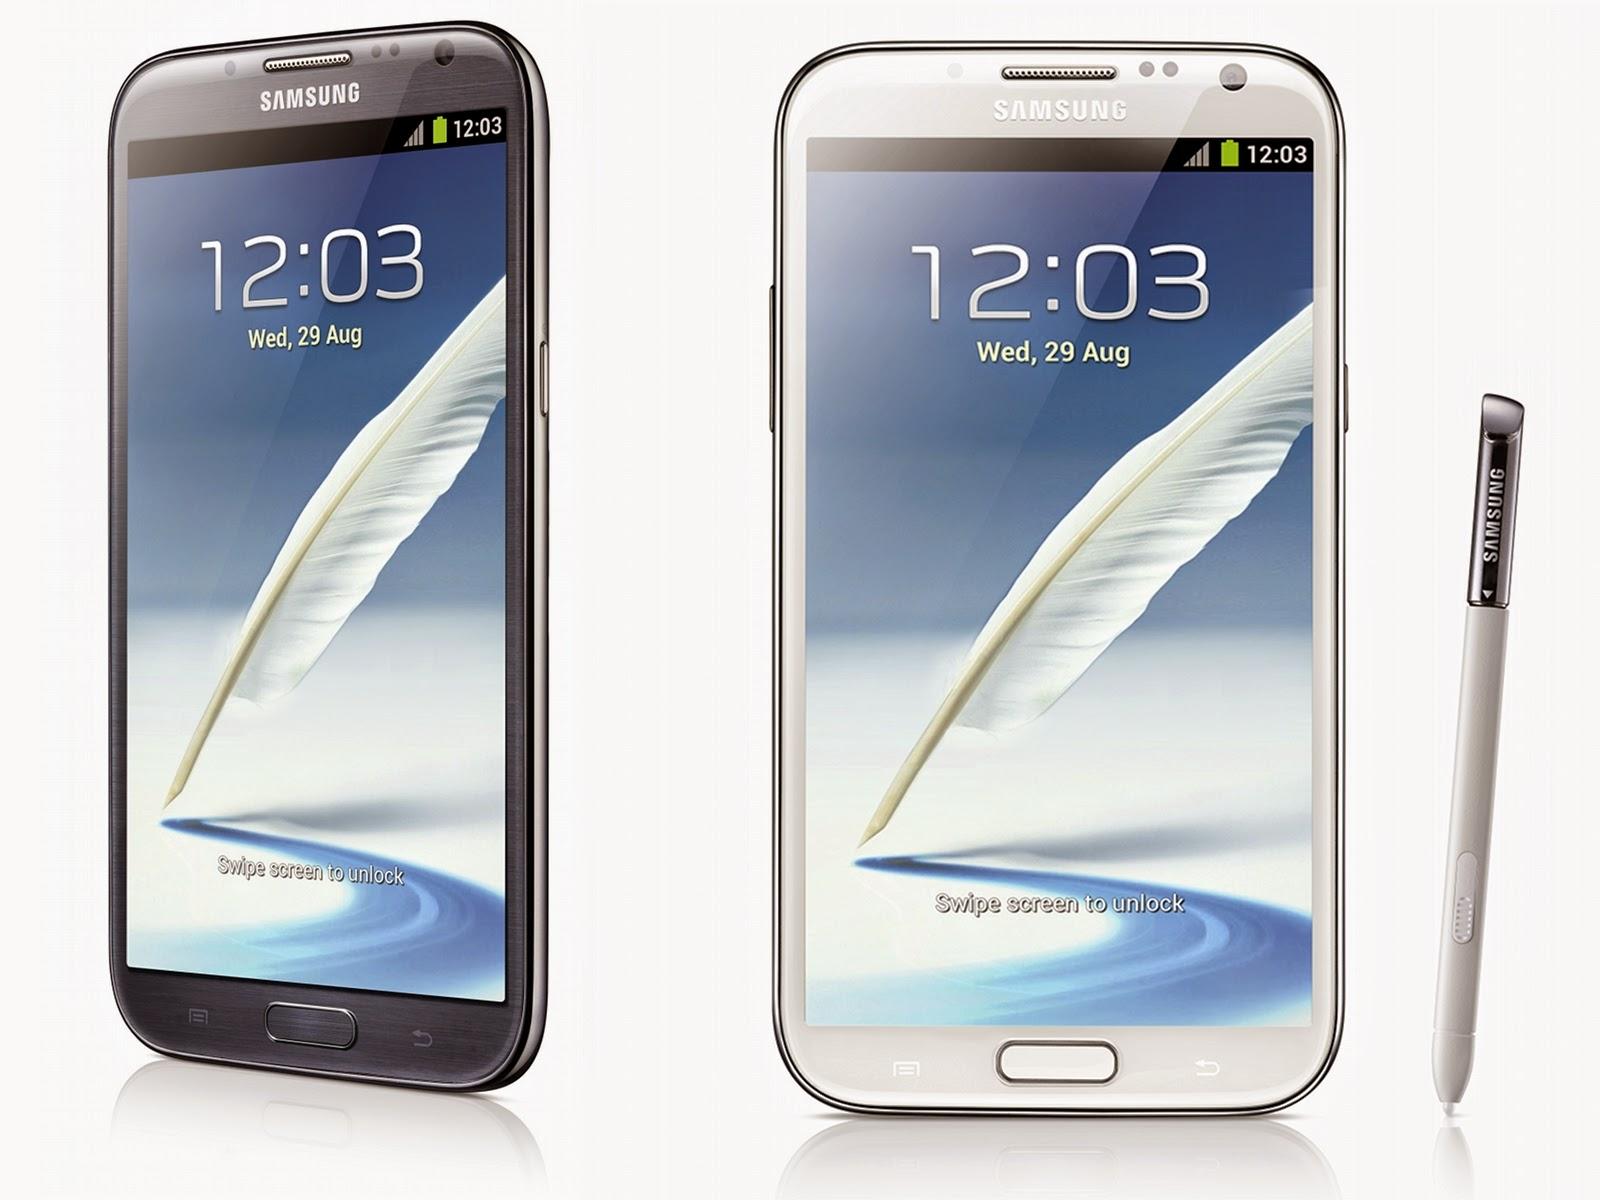 Inovasi perusahaan Samsung semakin membuncah indah di belantara bisnis dunia. Galaxy series membesut Samsung menjadi pemain terbaik di antara perusahaan raksasa dunia. Bukan hanya melengserkan brand-brand ternama, seperti Nokia dan Apple, Samsung sangat piawai menutup celah masuknya pemain lain.